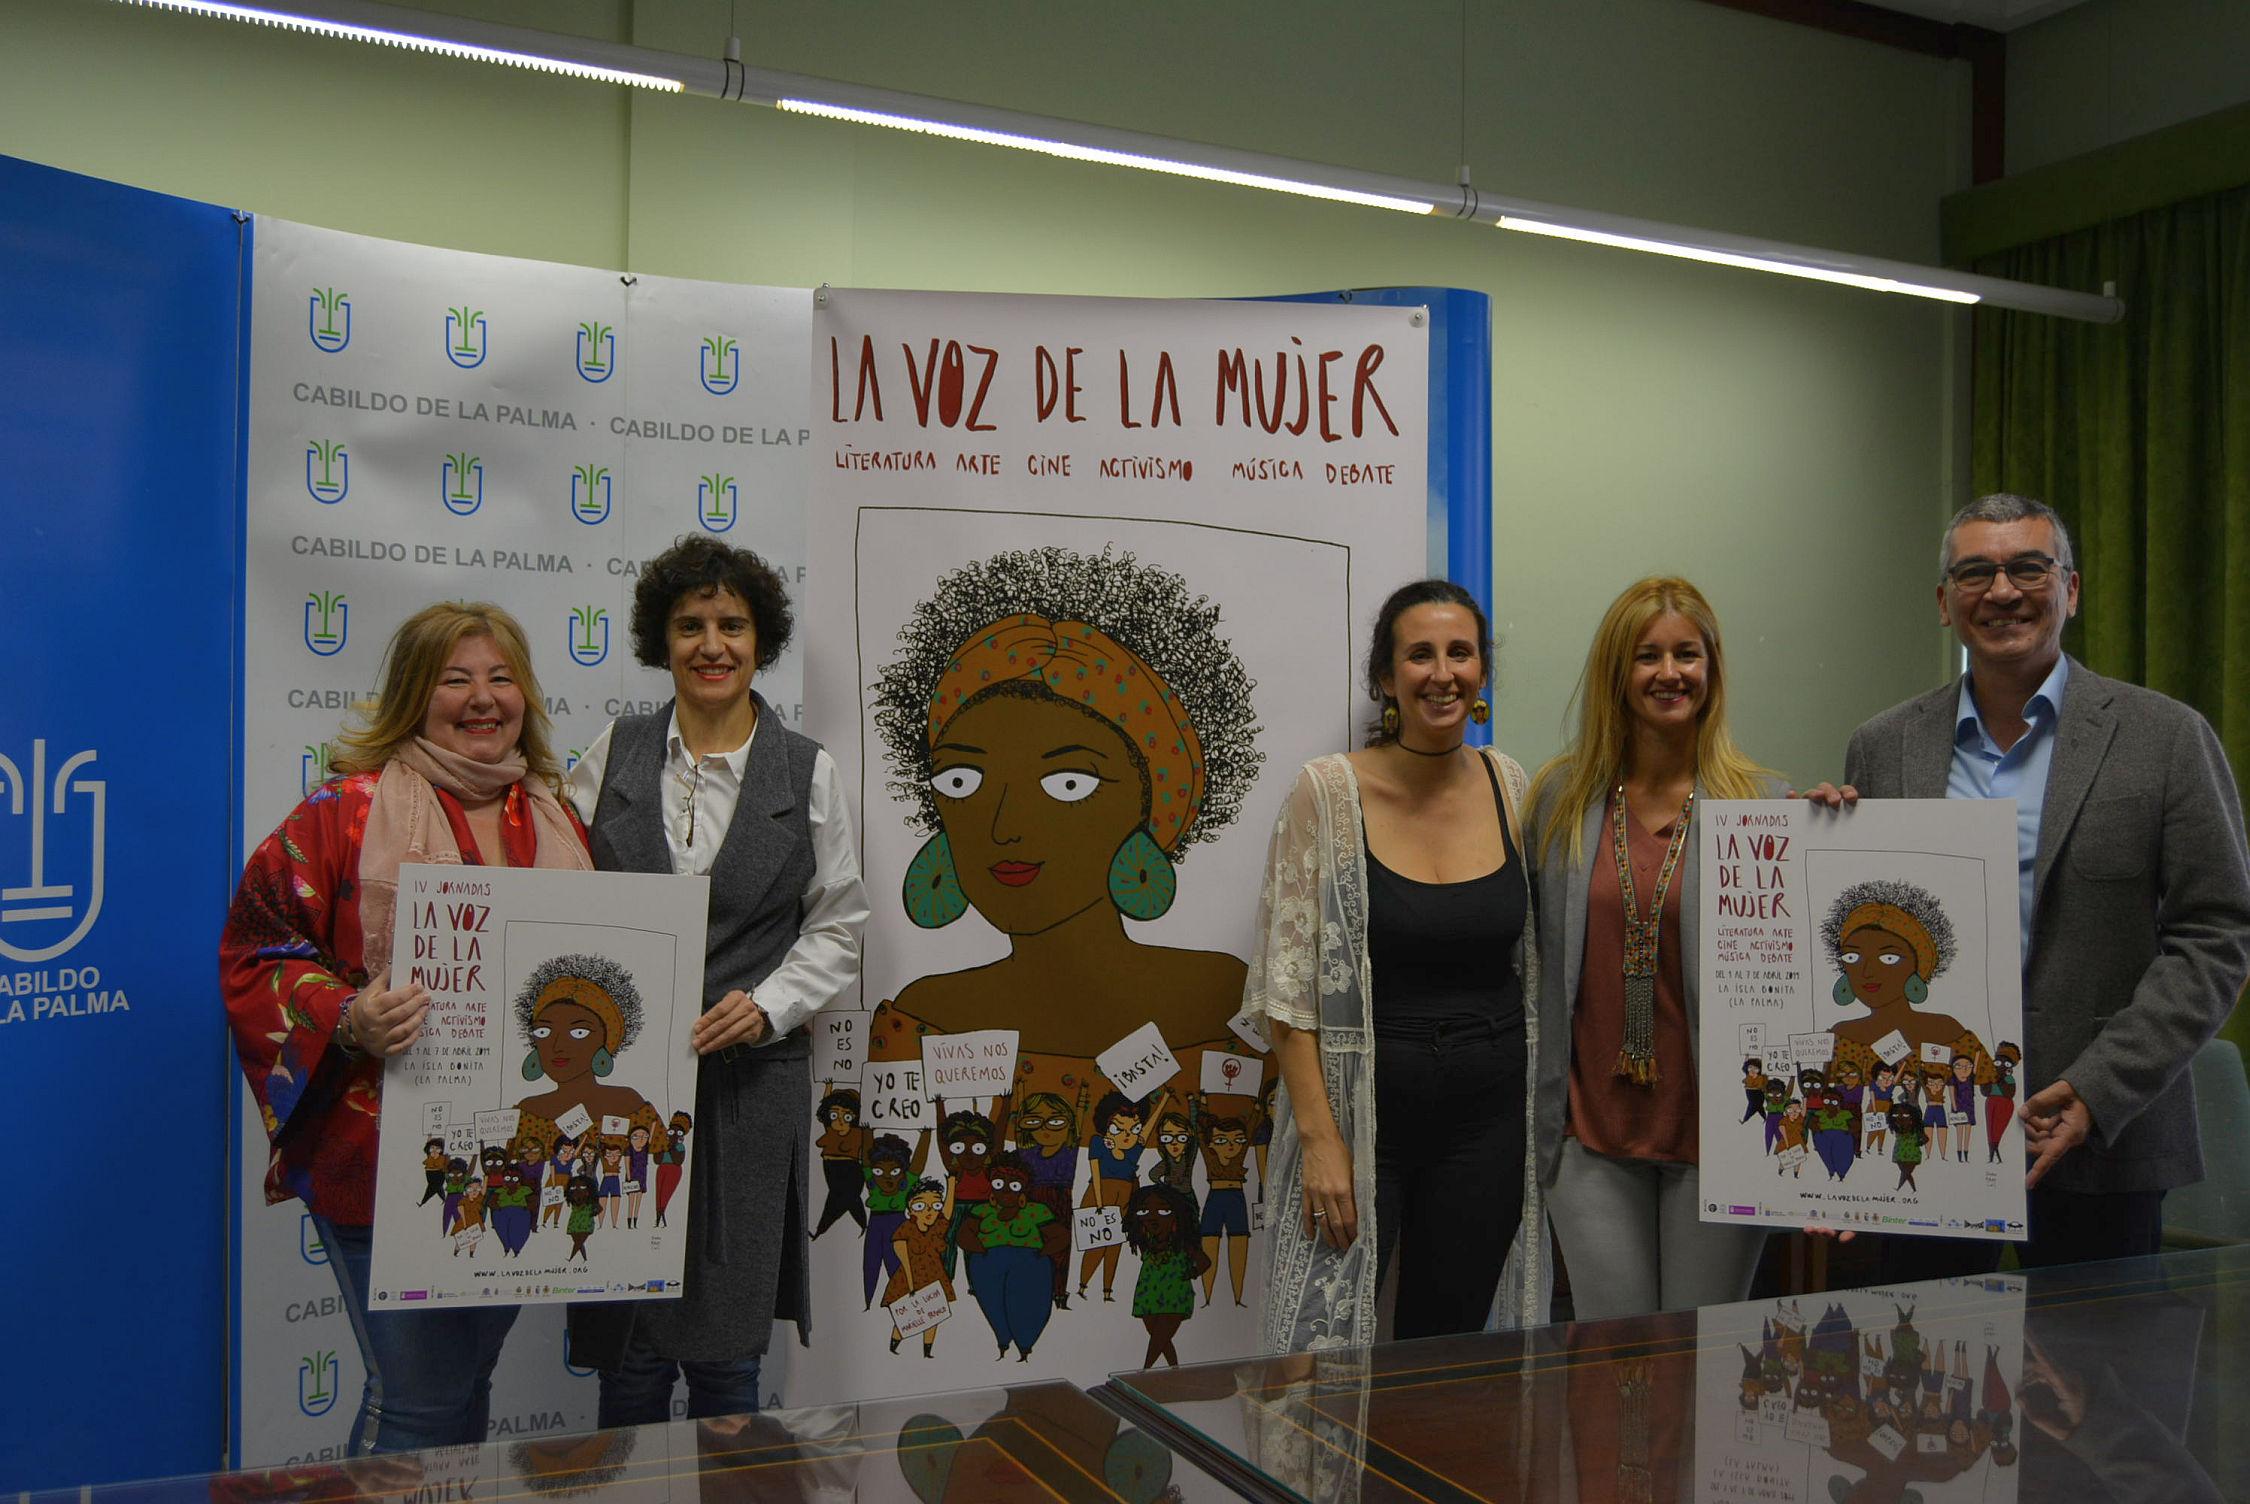 'La voz de la mujer' llena La Palma de cultura y activismo feminista